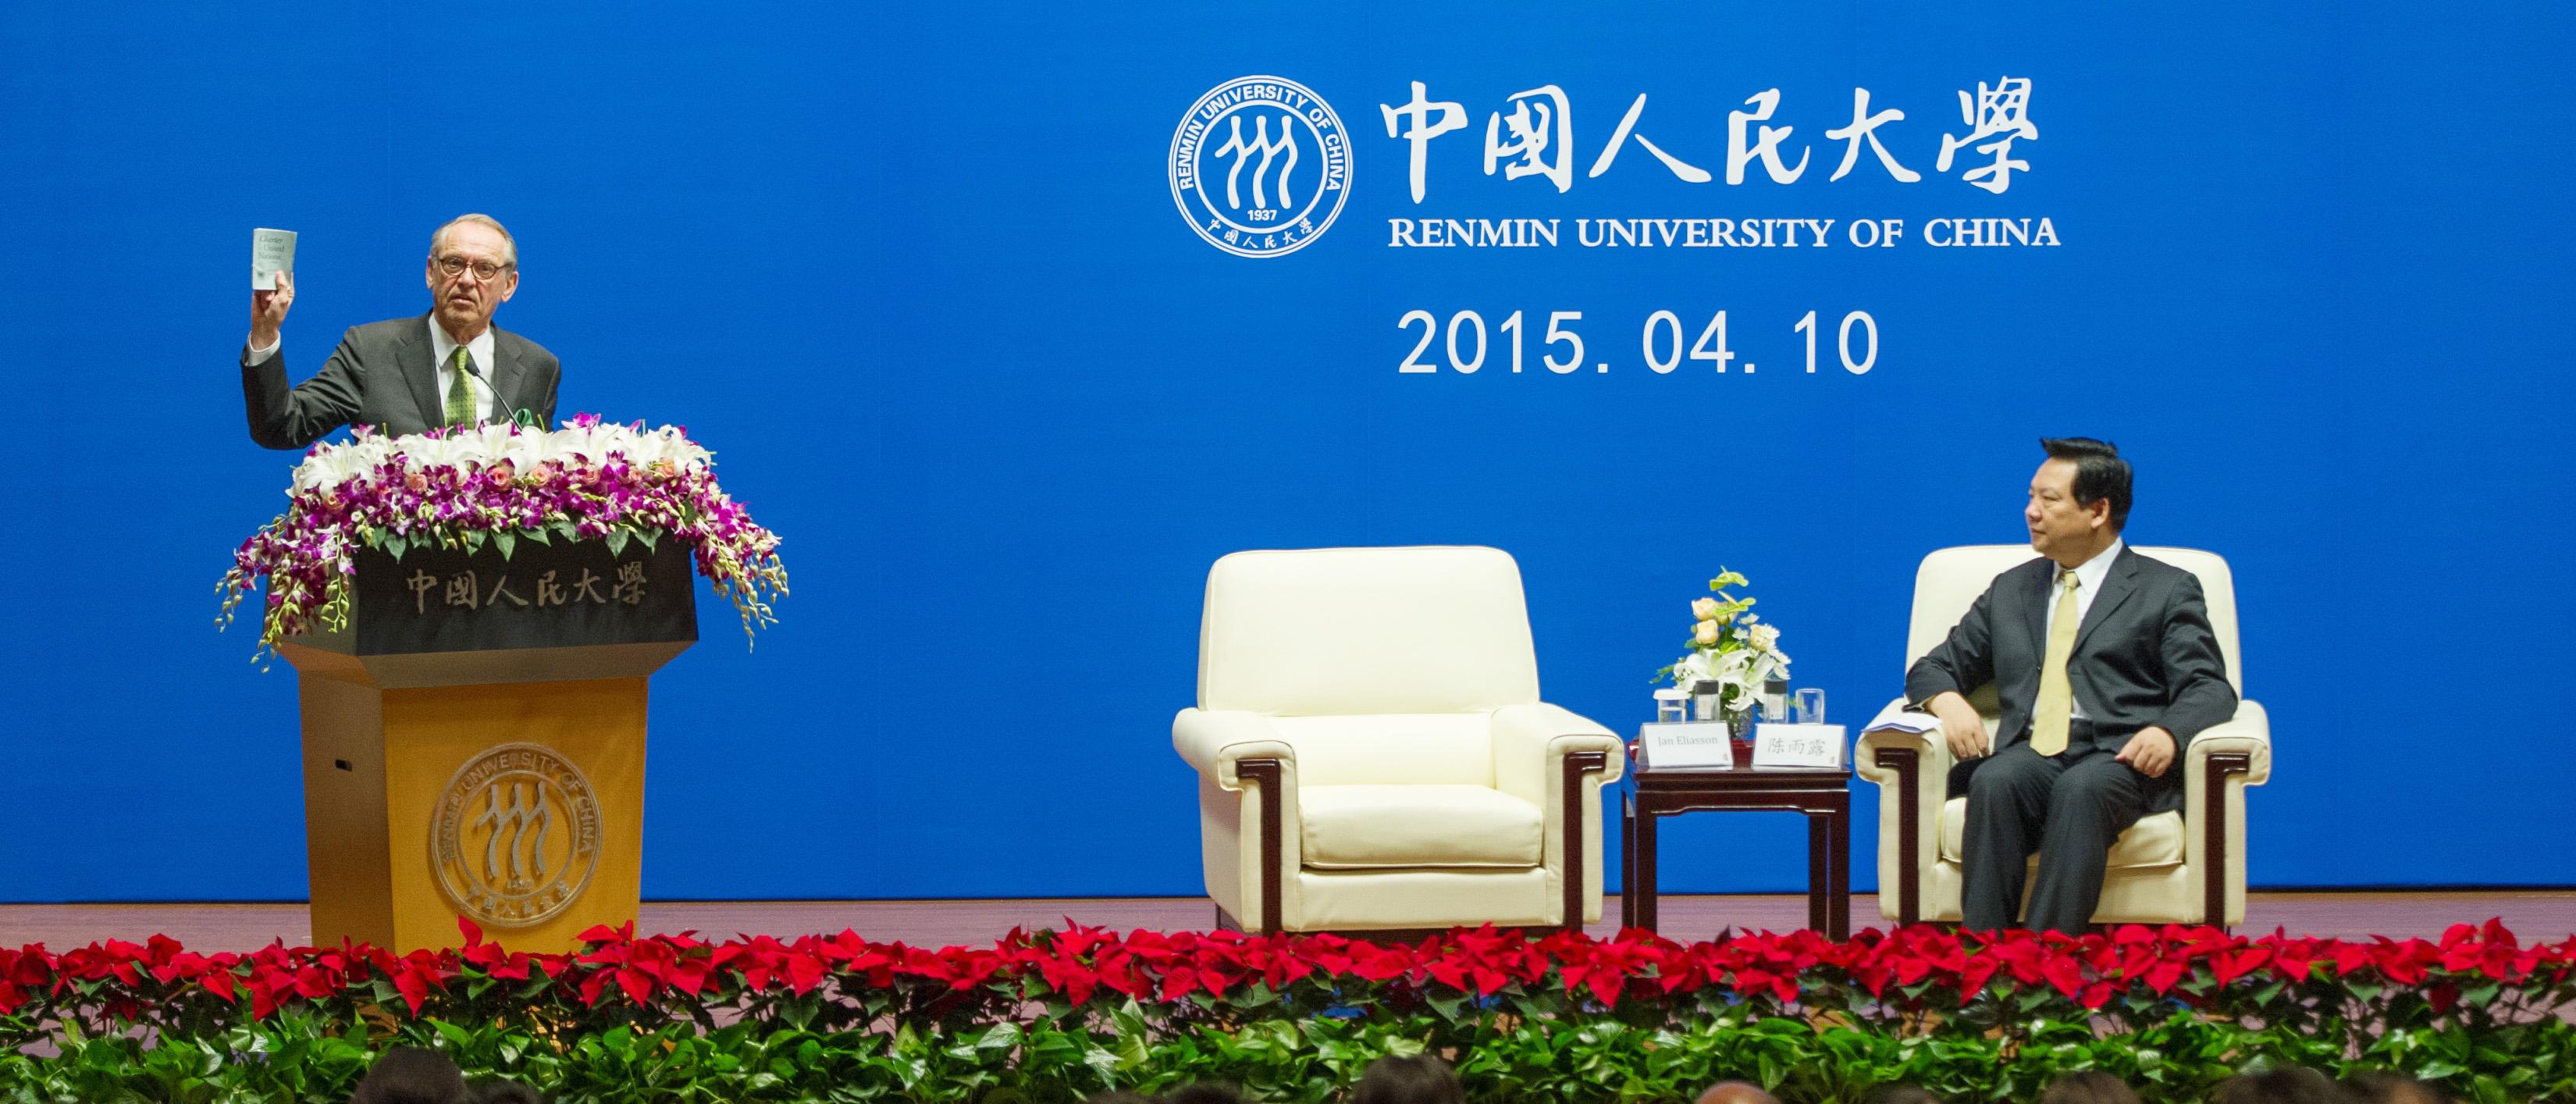 联合国常务副秘书长埃里亚松访问中国人民大学并发表演讲